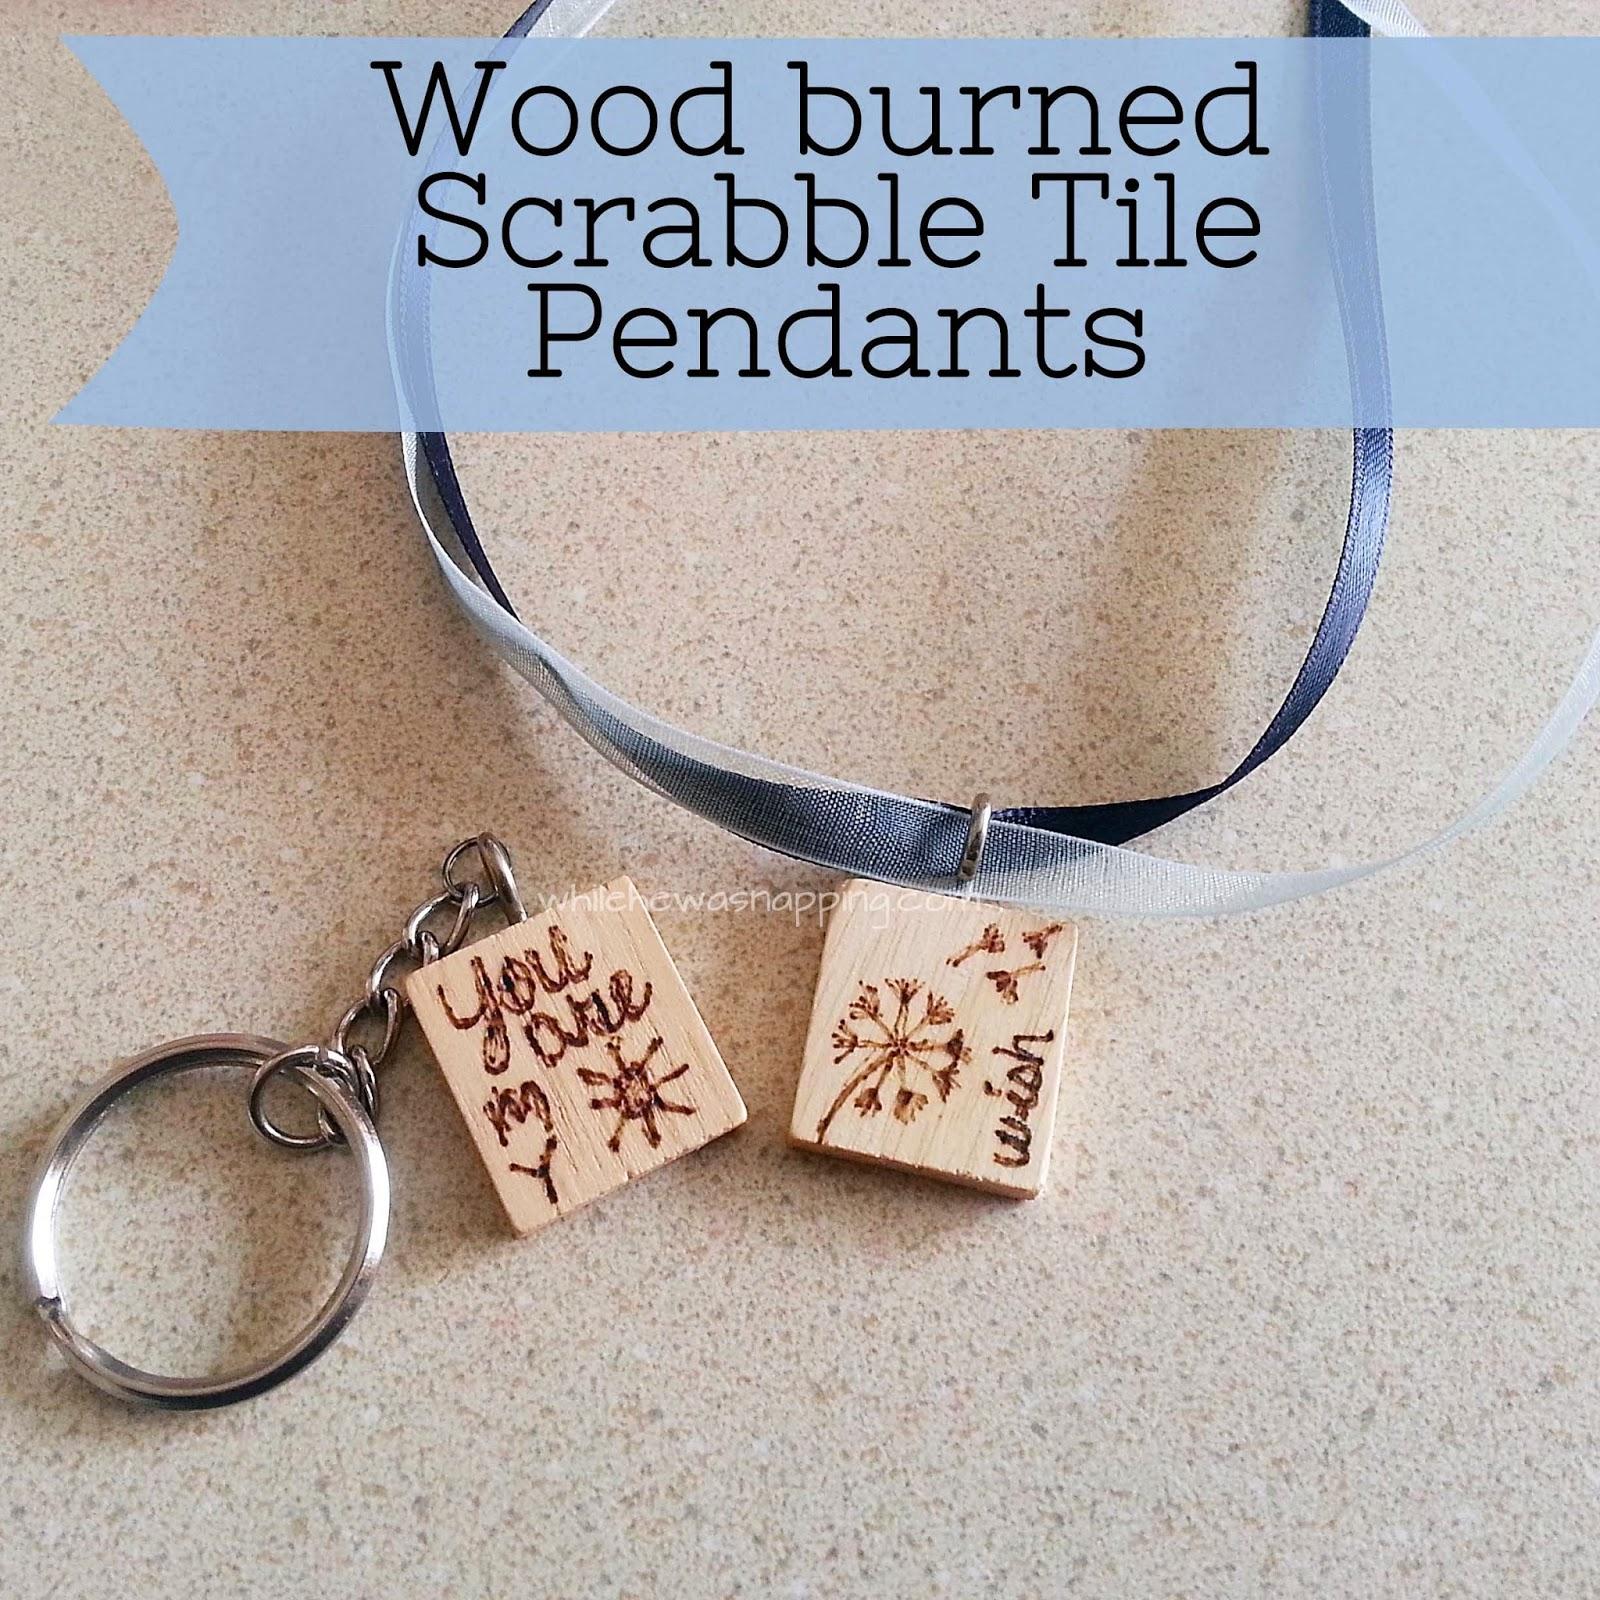 Wood Burnt Scrabble Tile Pendant Necklace Or Key Chain